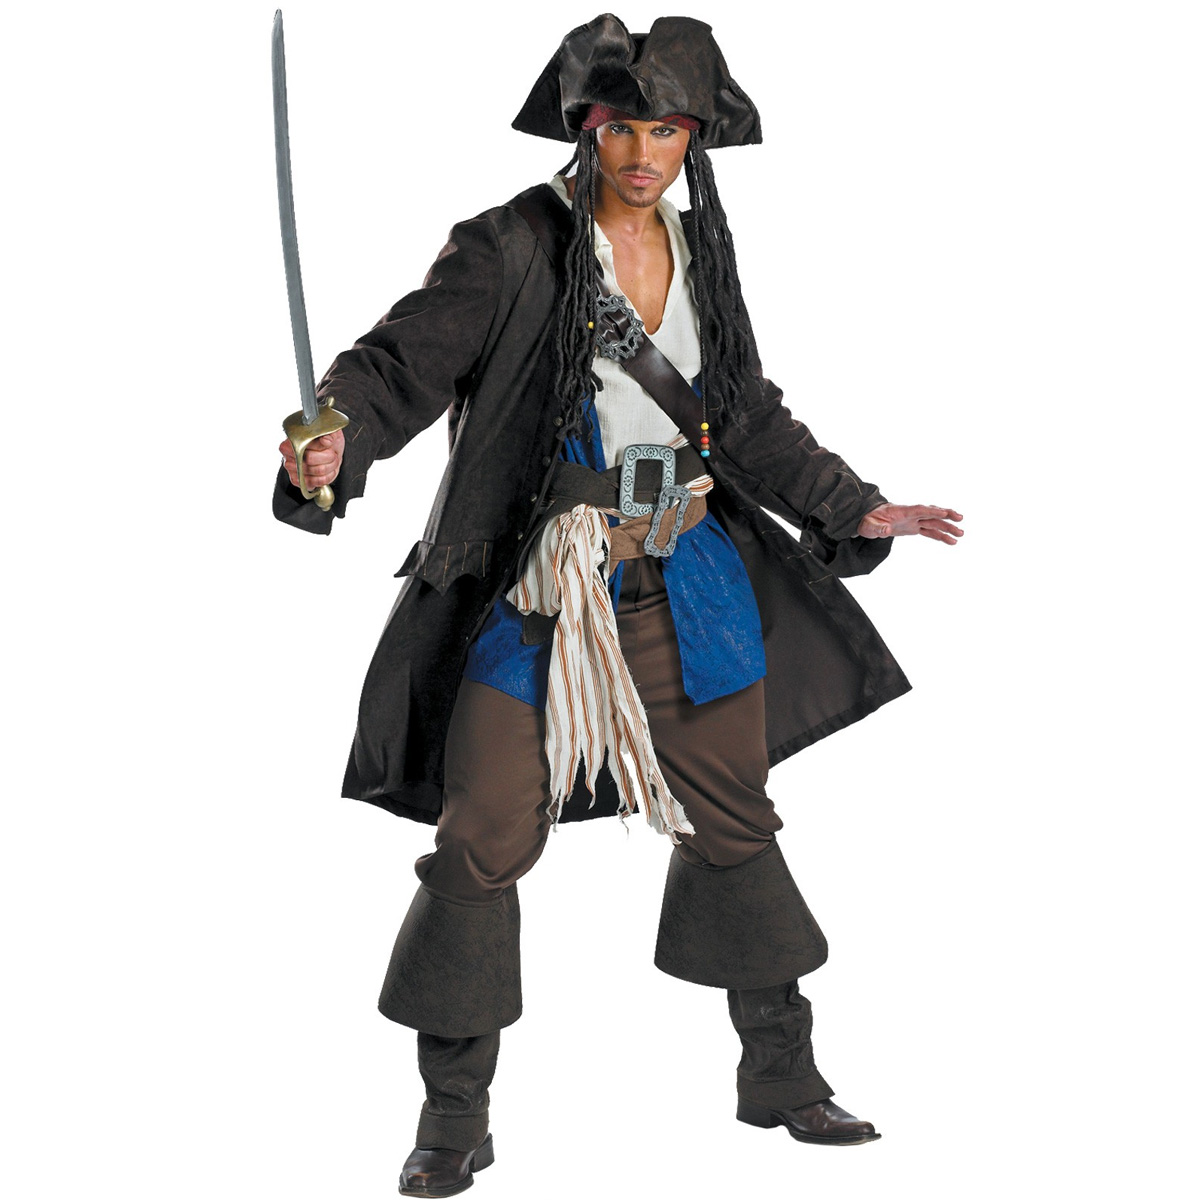 パイレーツオブカリビアン コスプレ 衣装 ジャックスパロウ コスチューム 大人 海賊 ジャック·スパロウ 男性 仮装